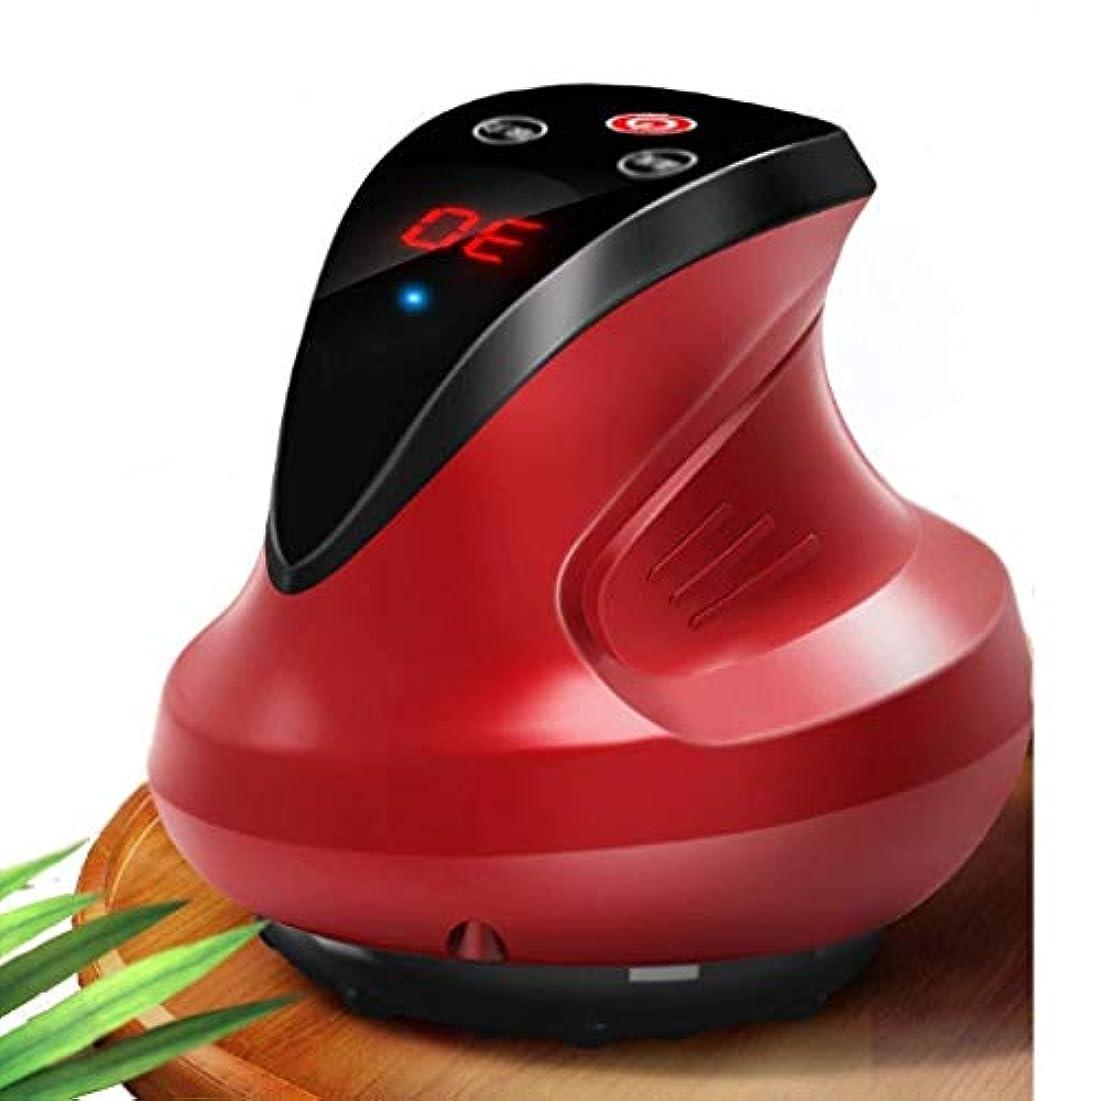 半円例示する分数電気グアシャマッサージ、加熱陰圧磁気療法、スクレーピングデトックスマッサージ、陰圧リンファデトックスSPAグアシャマッサージ (Color : 赤)